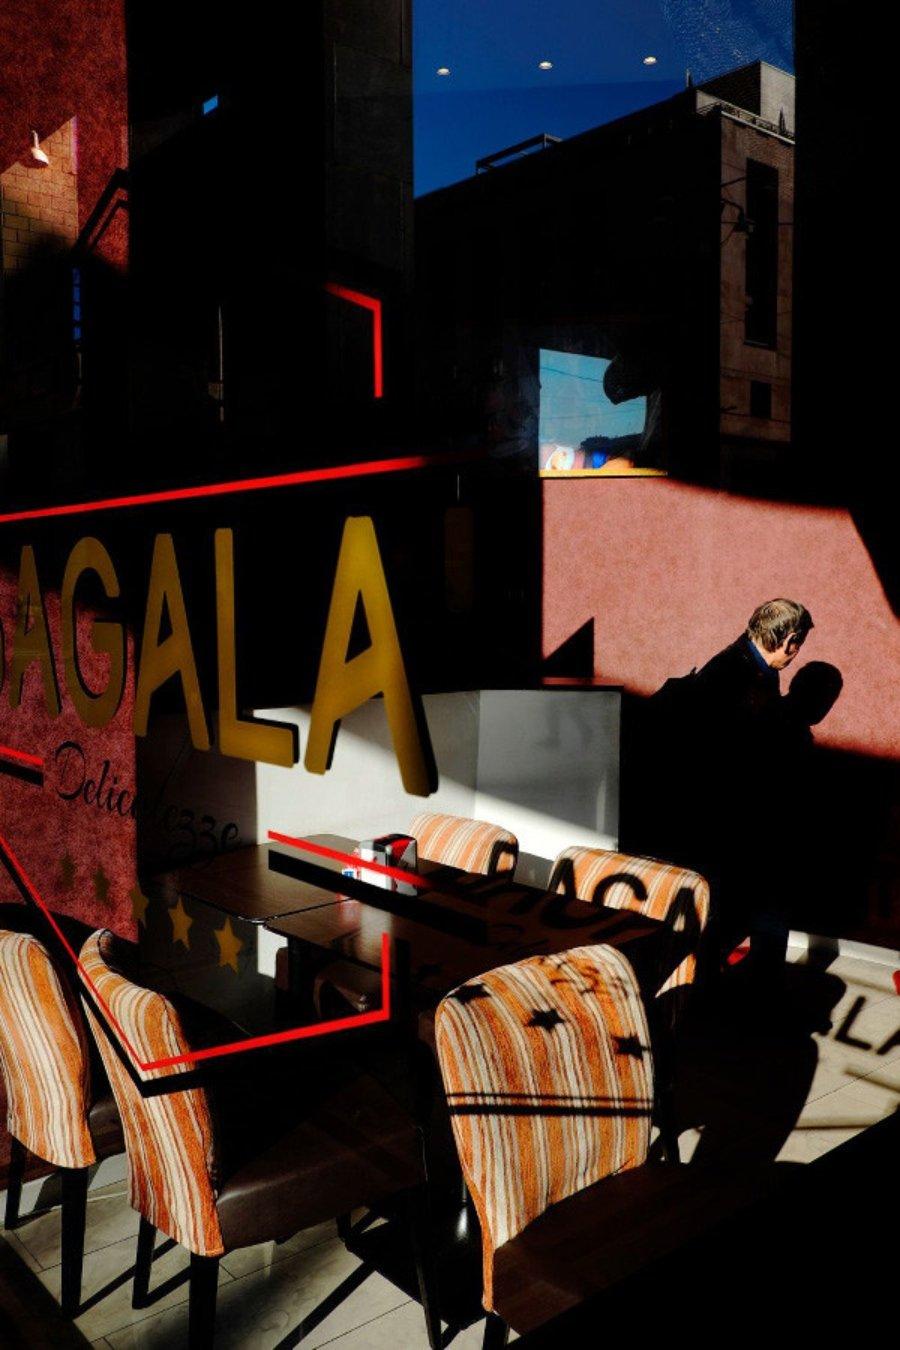 Las mejores fotografías callejeras / Hombre sentado en un restaurante con reflejos del exterior